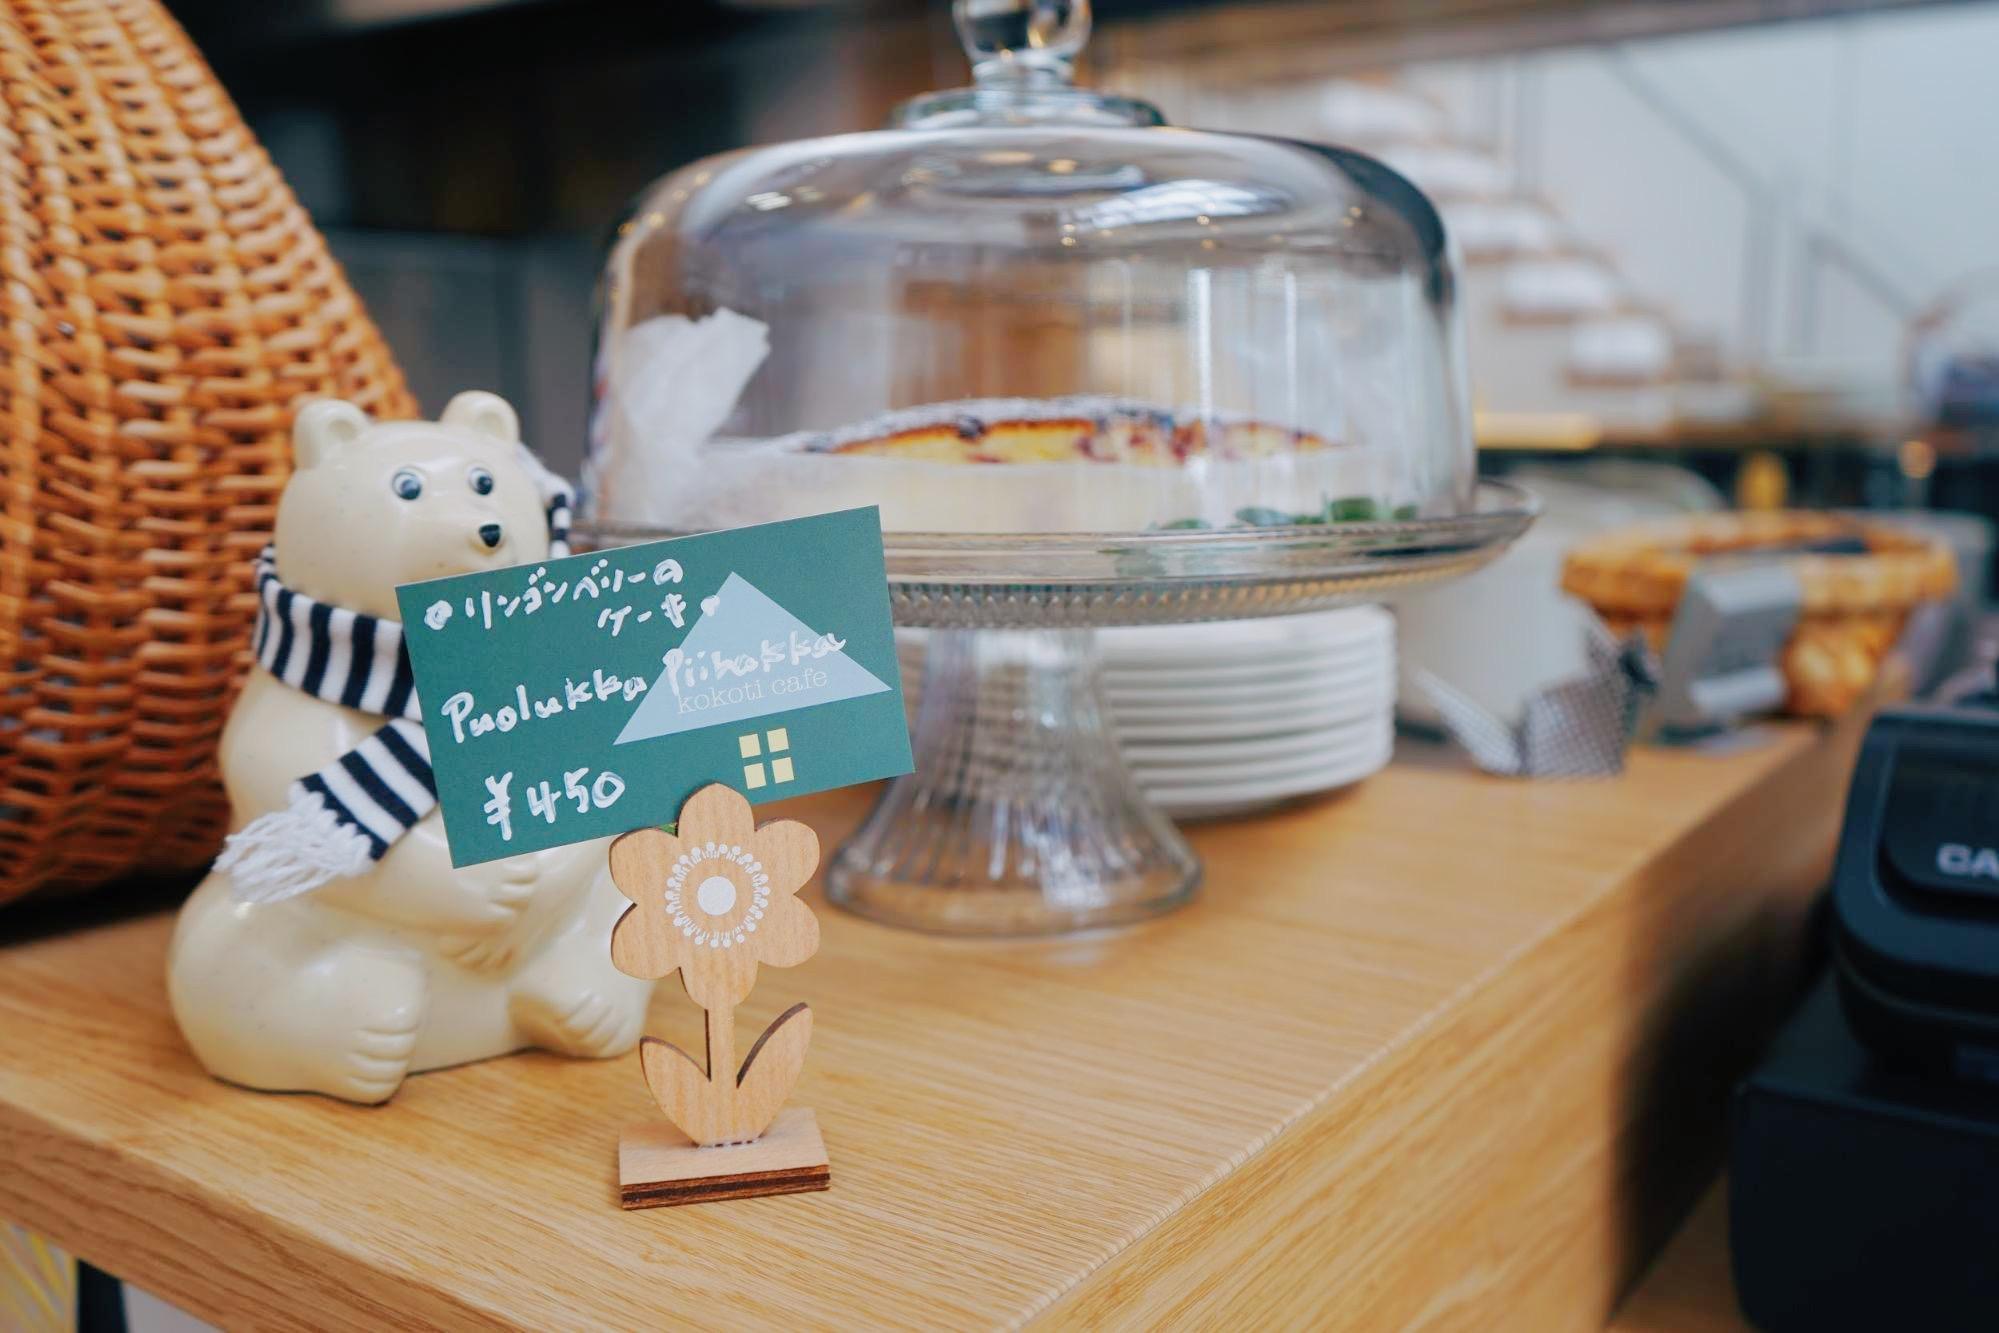 「ただいま」って言いたくなったら。通うほどに心地よくなるブックカフェ『kokoti cafe』 - image5